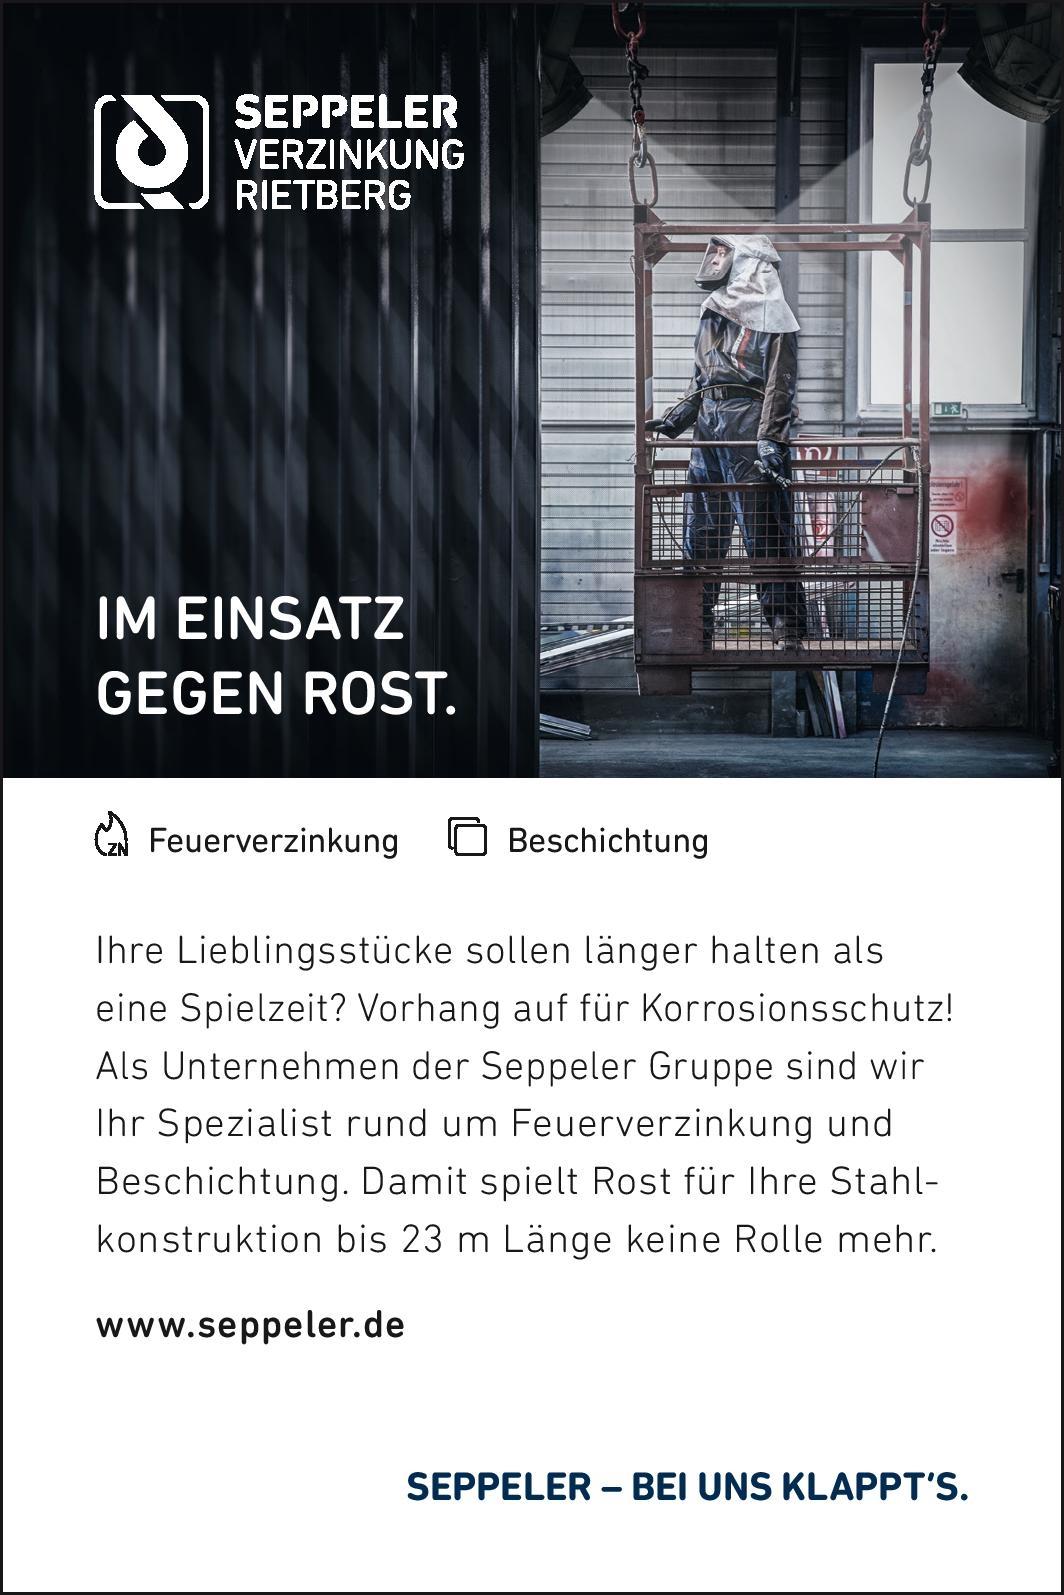 Seppeler_Verinkung